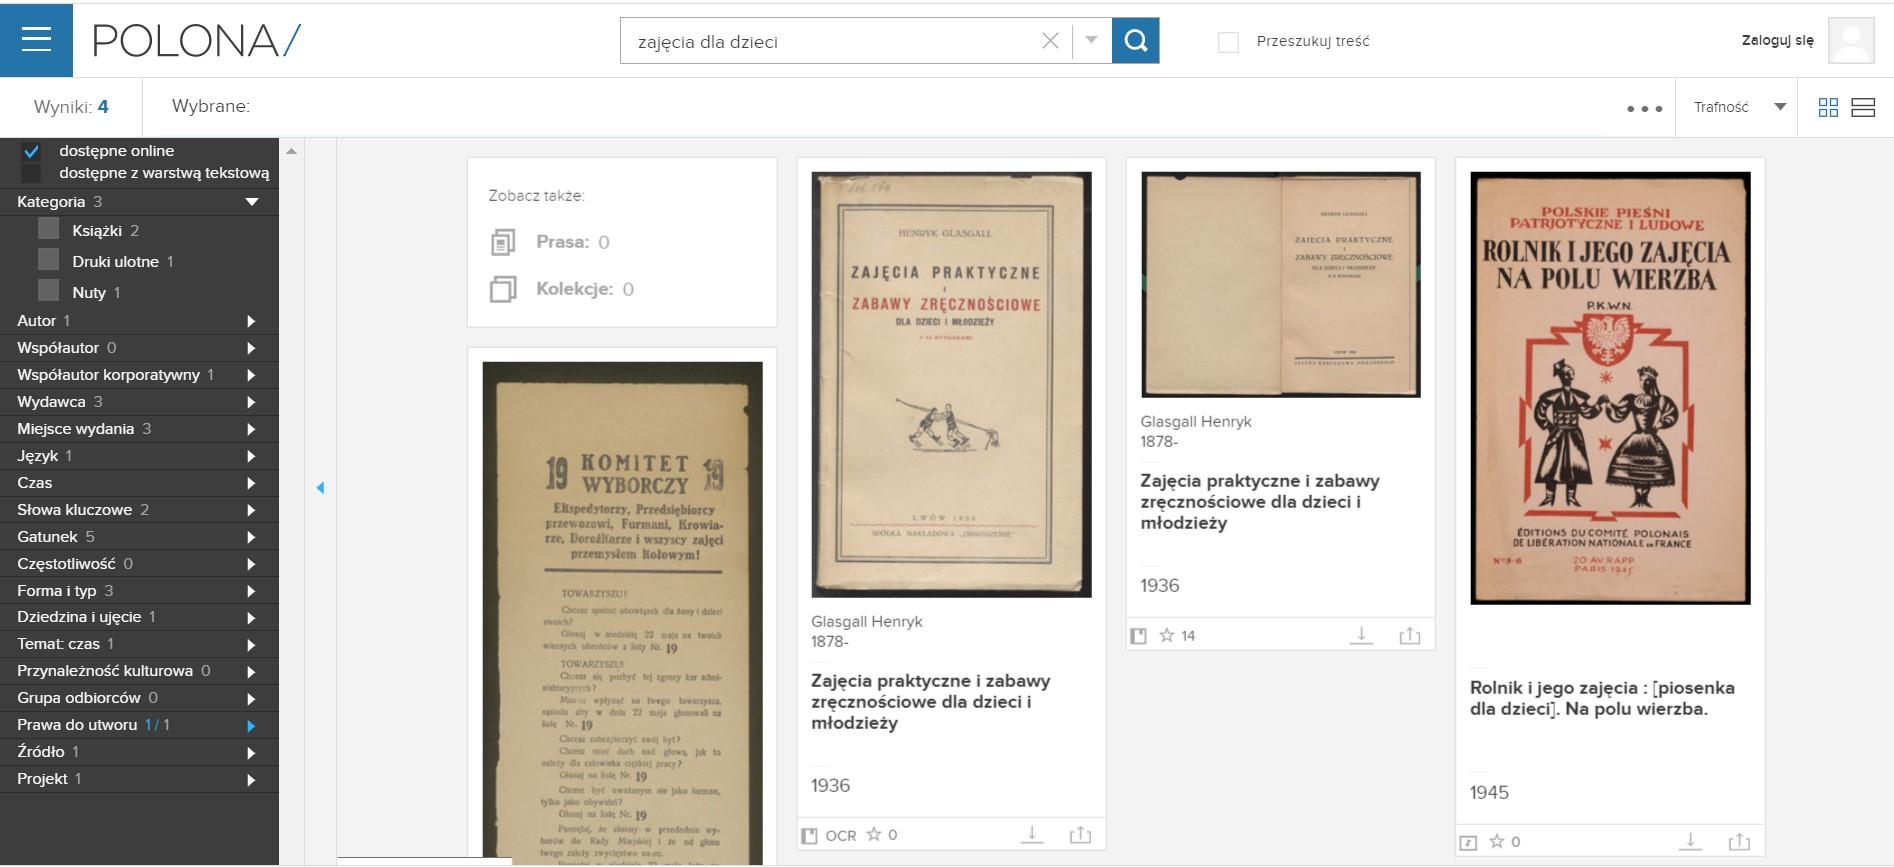 strona serwisu Polona, na której wskazano miejsce, gdzie ustawia się kategorie wyszukiwanych obiektów